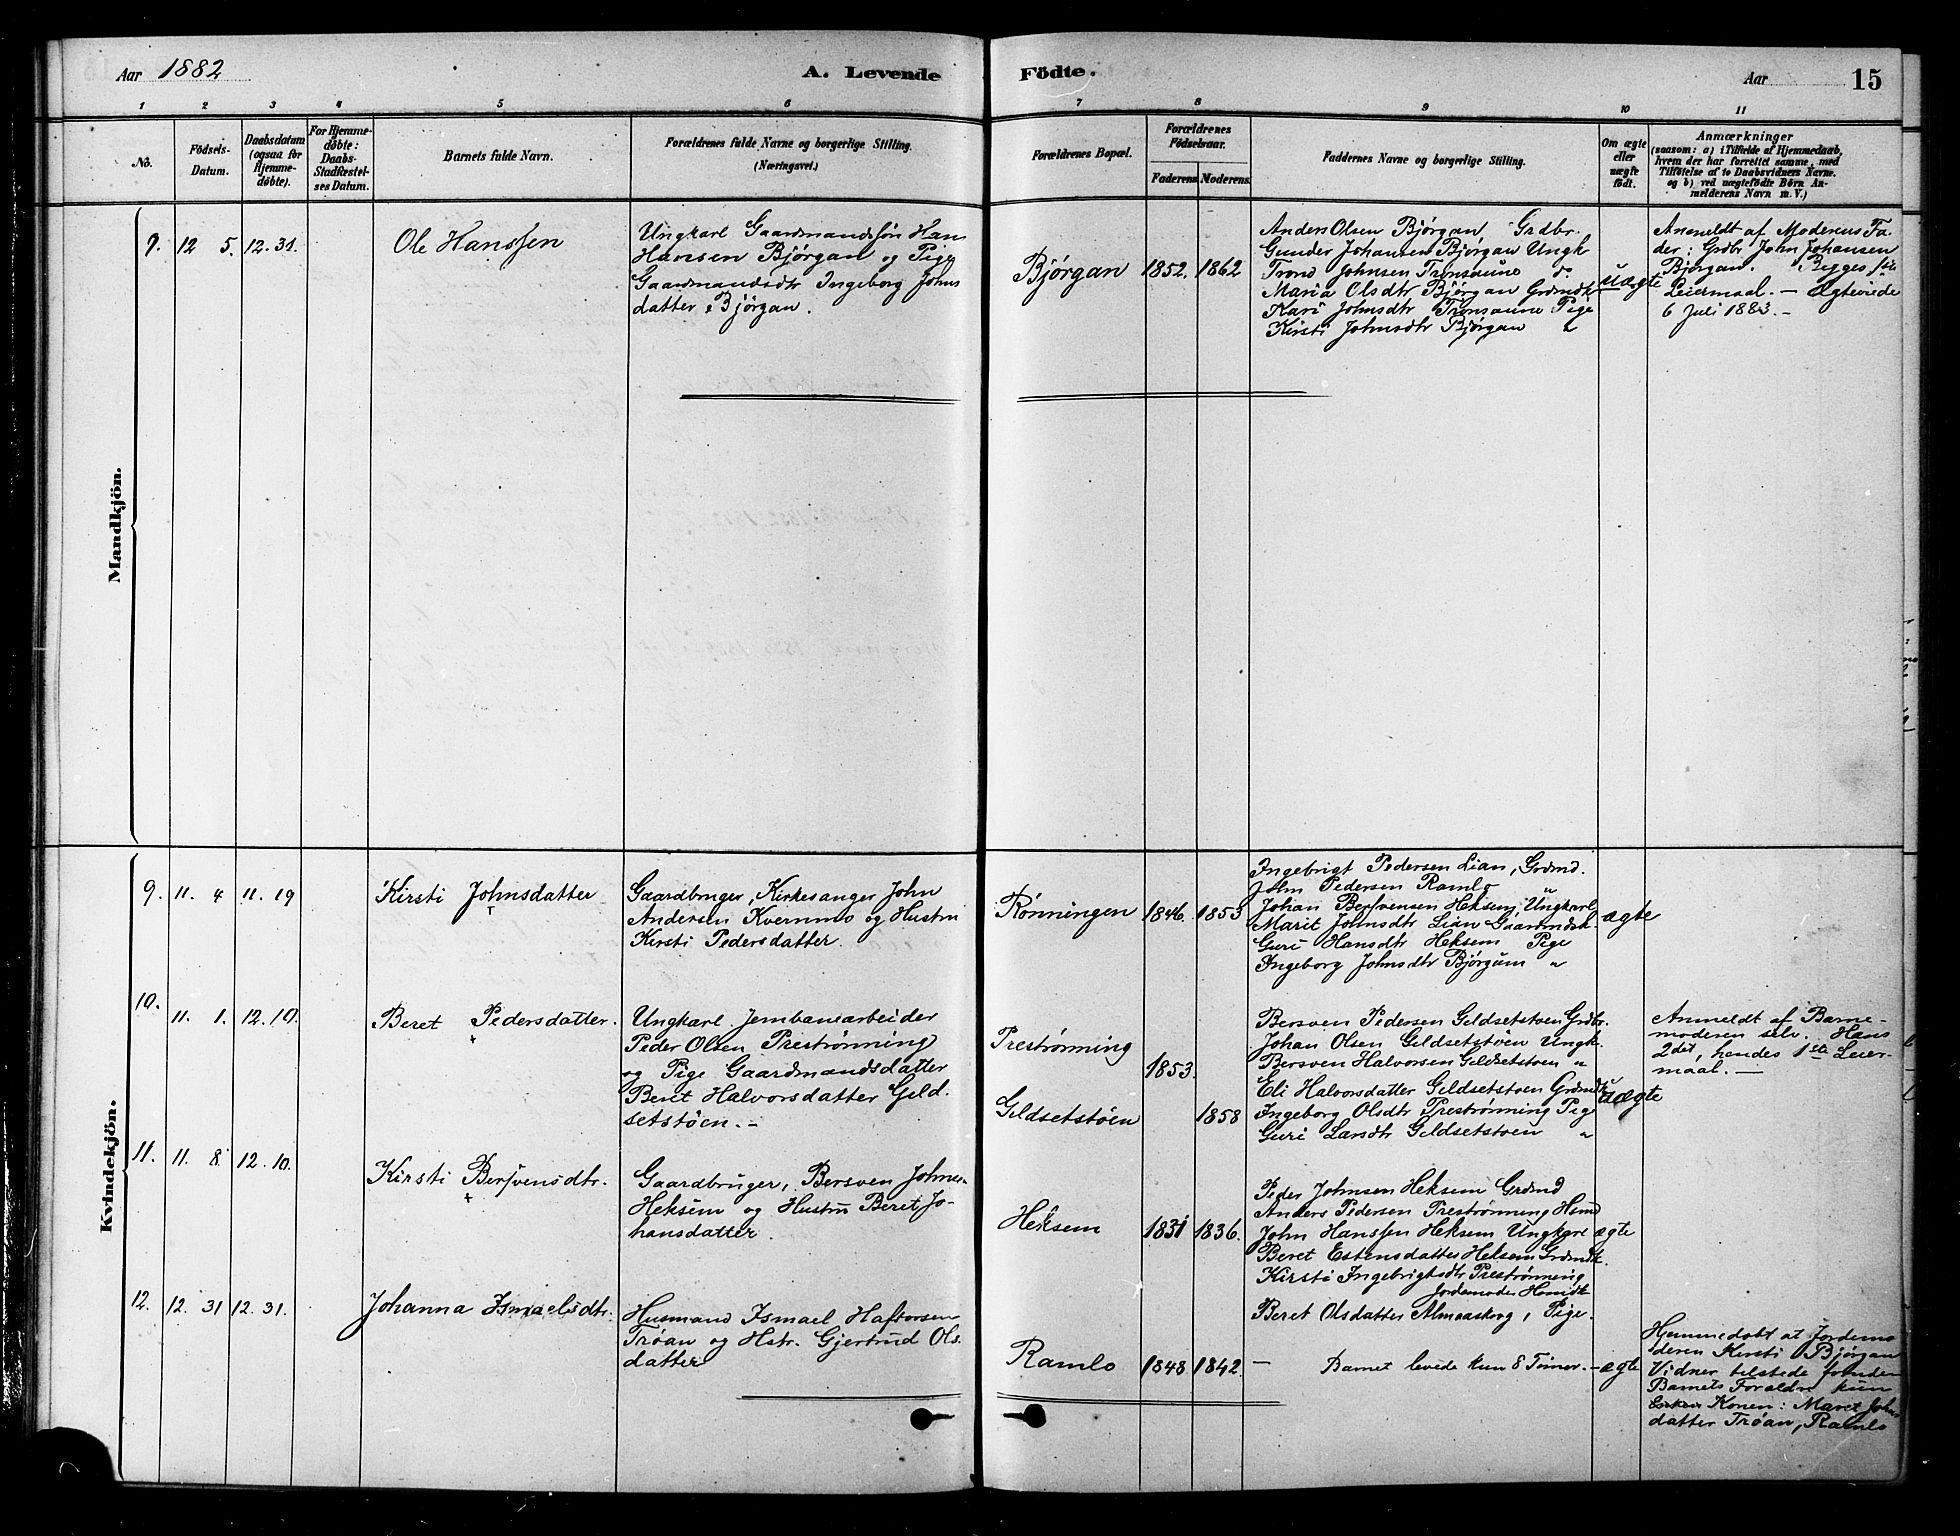 SAT, Ministerialprotokoller, klokkerbøker og fødselsregistre - Sør-Trøndelag, 685/L0972: Ministerialbok nr. 685A09, 1879-1890, s. 15